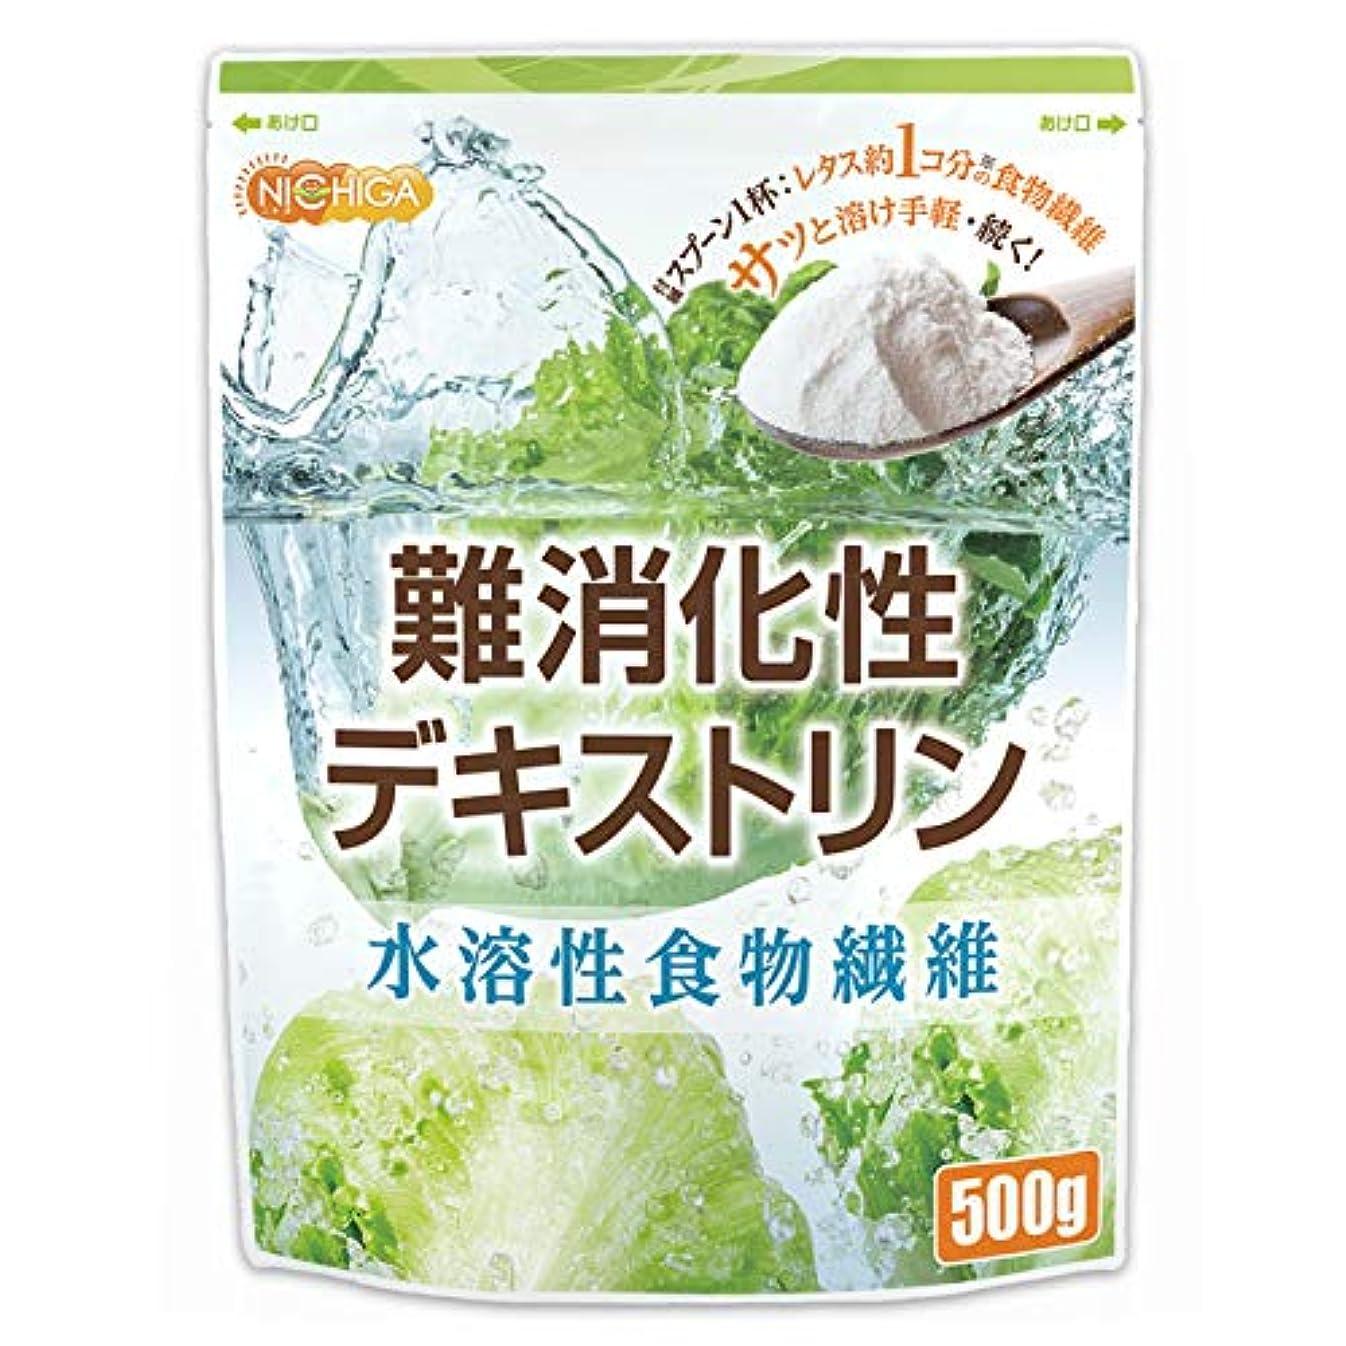 貫通するメールを書く磨かれた難消化性デキストリン 500g 製品のリニューアル致しました 水溶性食物繊維 [01] NICHIGA(ニチガ) 付属のスプーン1杯2.5gで、約レタス1個分の食物繊維